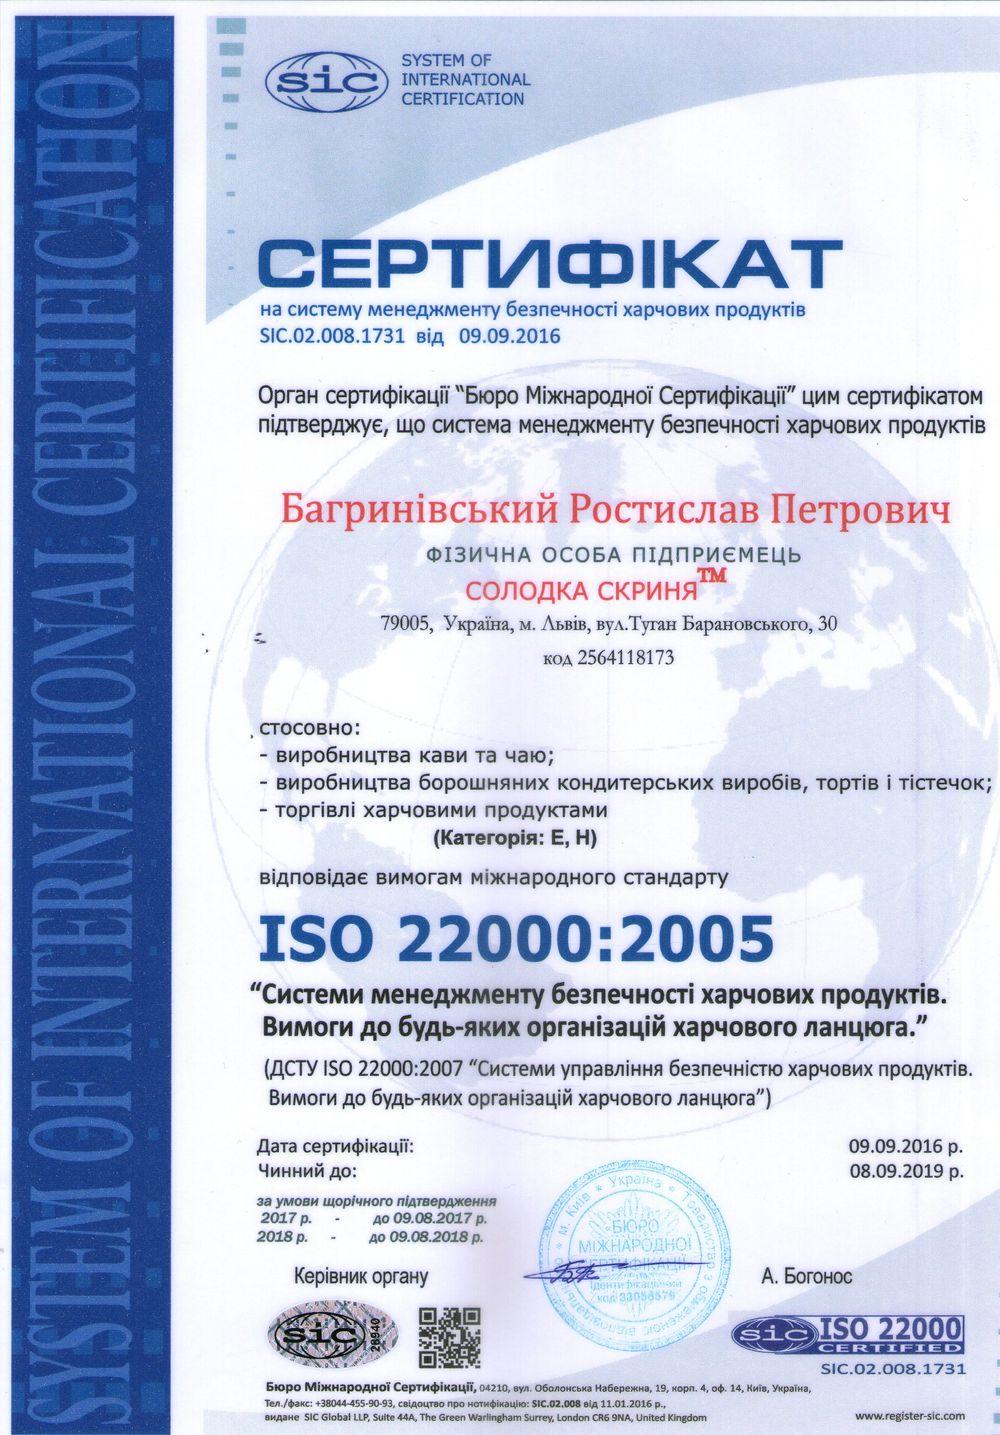 Сертификат Багринивский887(1)